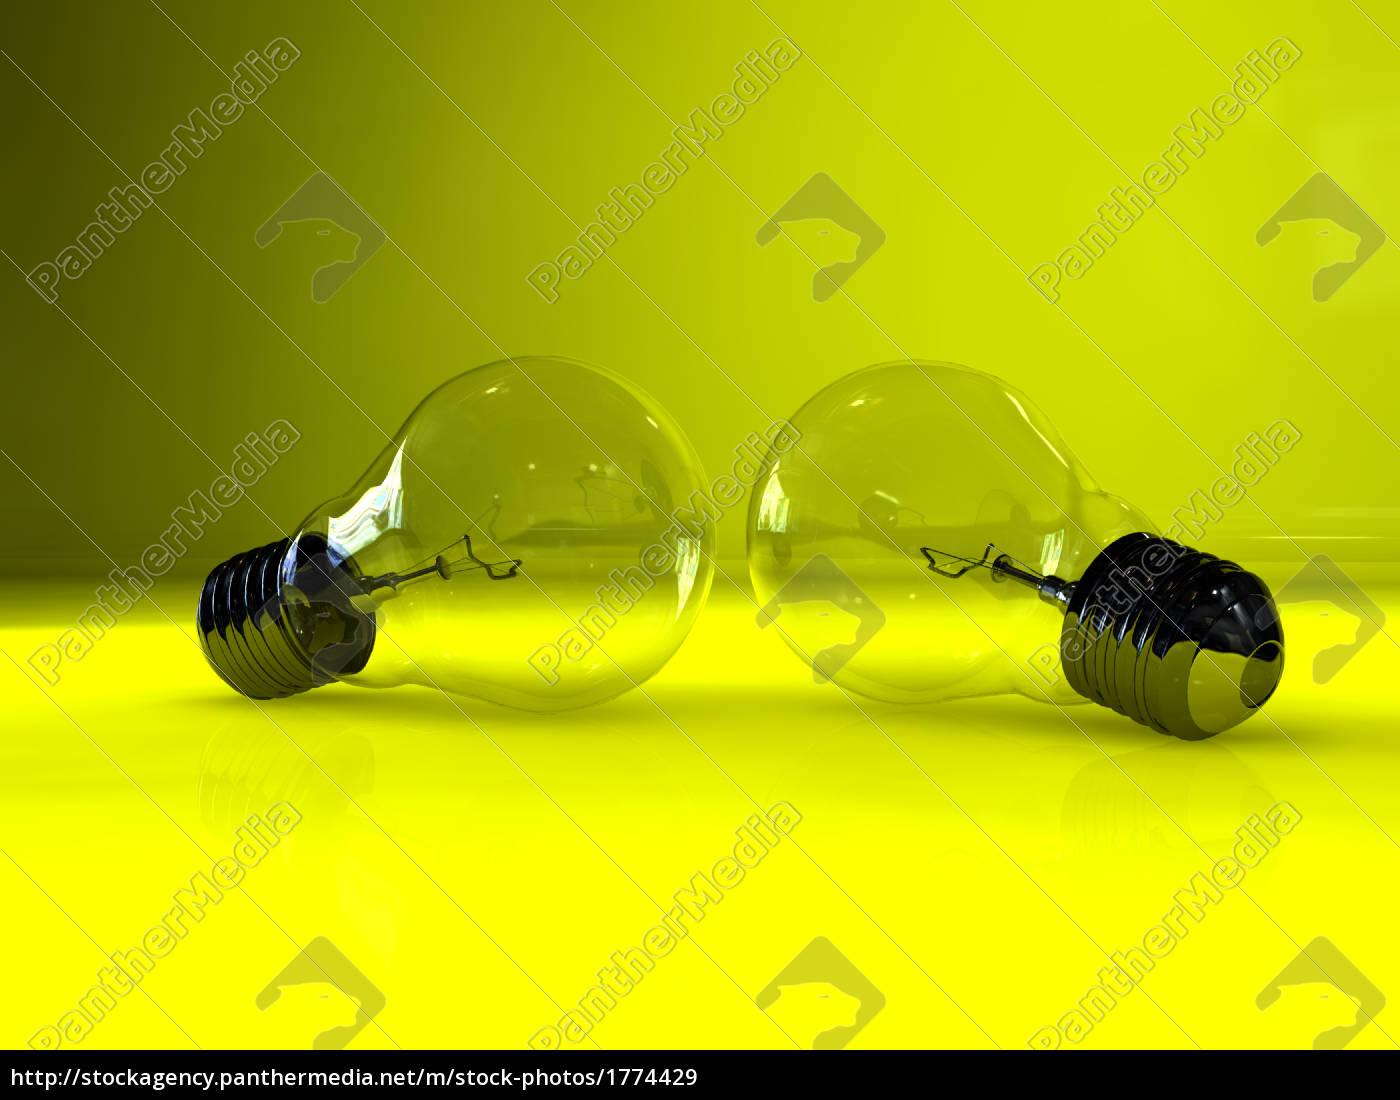 lightbulb - 1774429